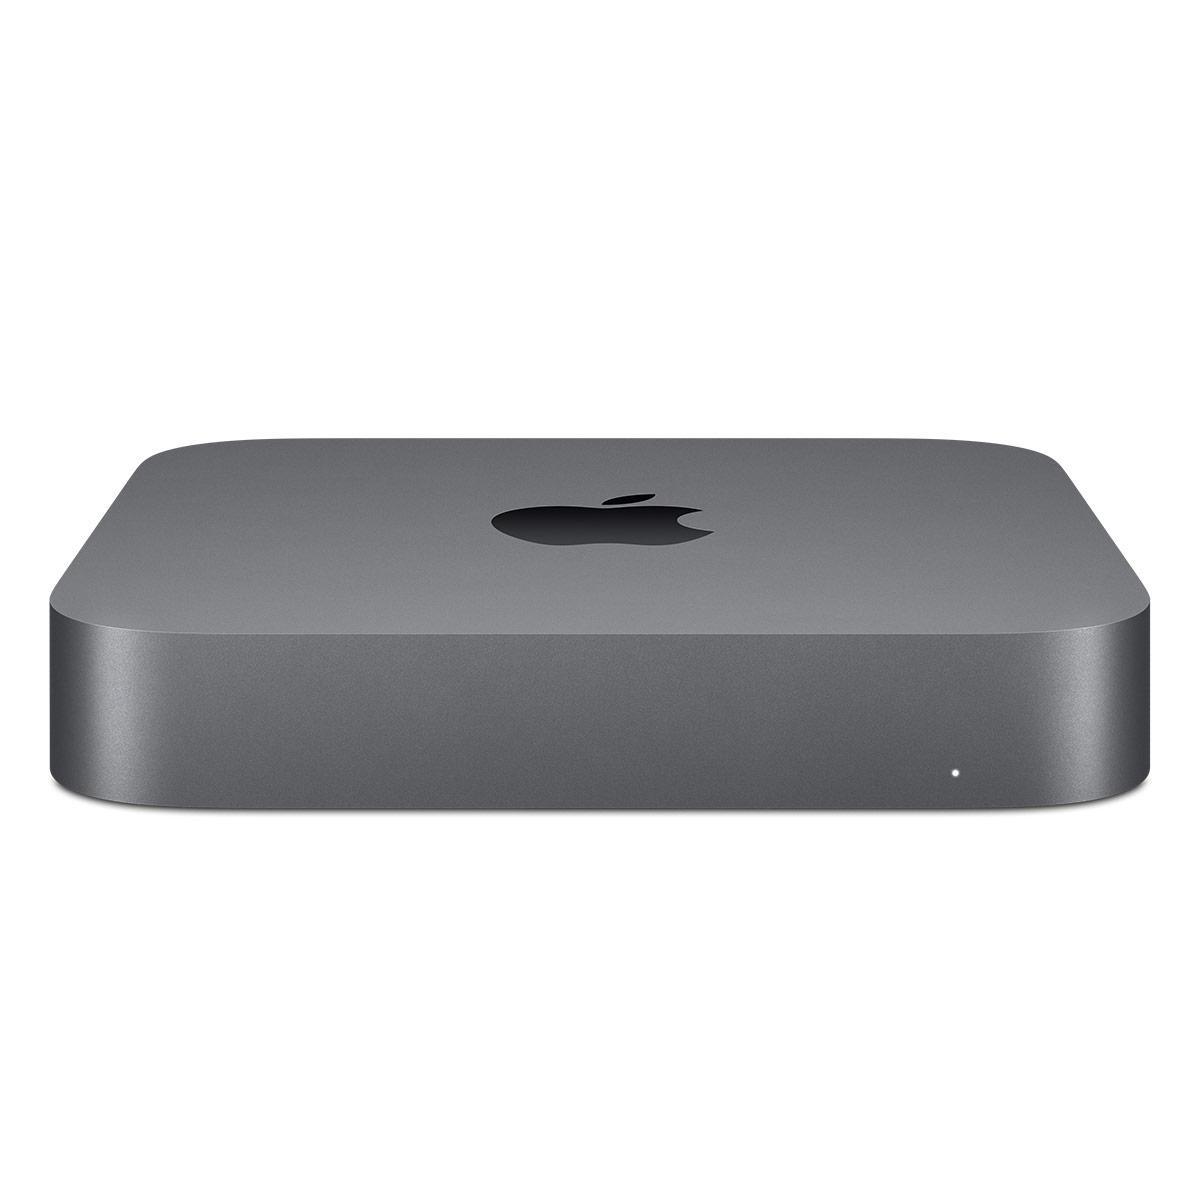 Mac mini Quad Core i3 3.6GHz 8GB 128GB Flash Intel UHD 630 1Gb